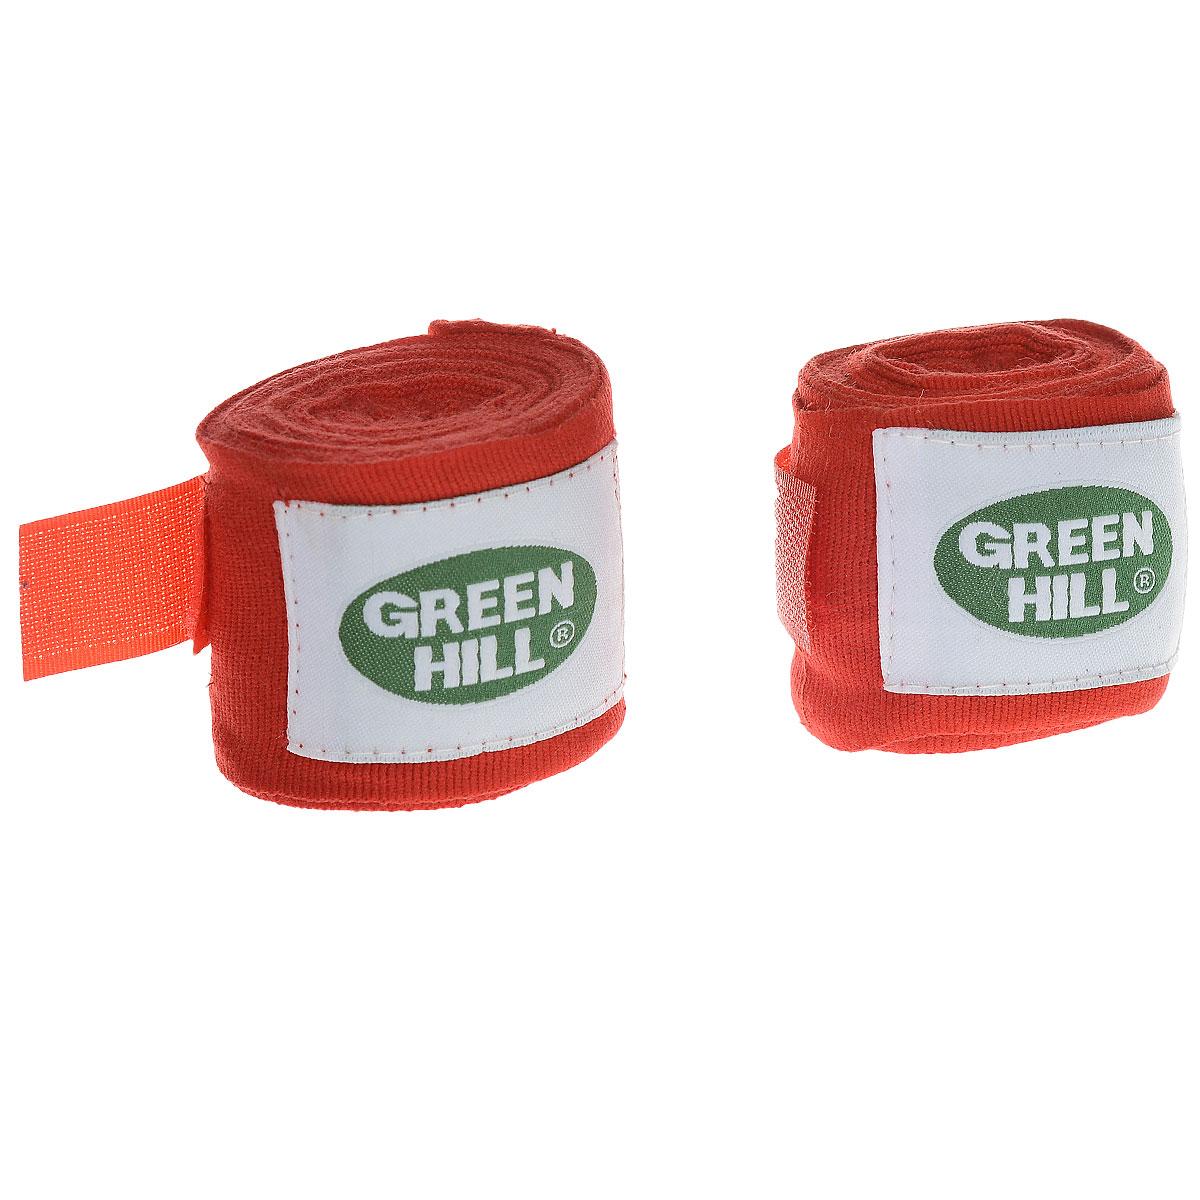 Бинты боксерские Green Hill, эластик, цвет: красный, 2,5 м, 2 штВР-6232-25Бинты Green Hill предназначены для защиты запястья во время занятий боксом. Изготовлены из высококачественного хлопка с добавлением эластана. Бинты надежно закрепляются на руке застежкой на липучке. Длина бинтов: 2,5 м.